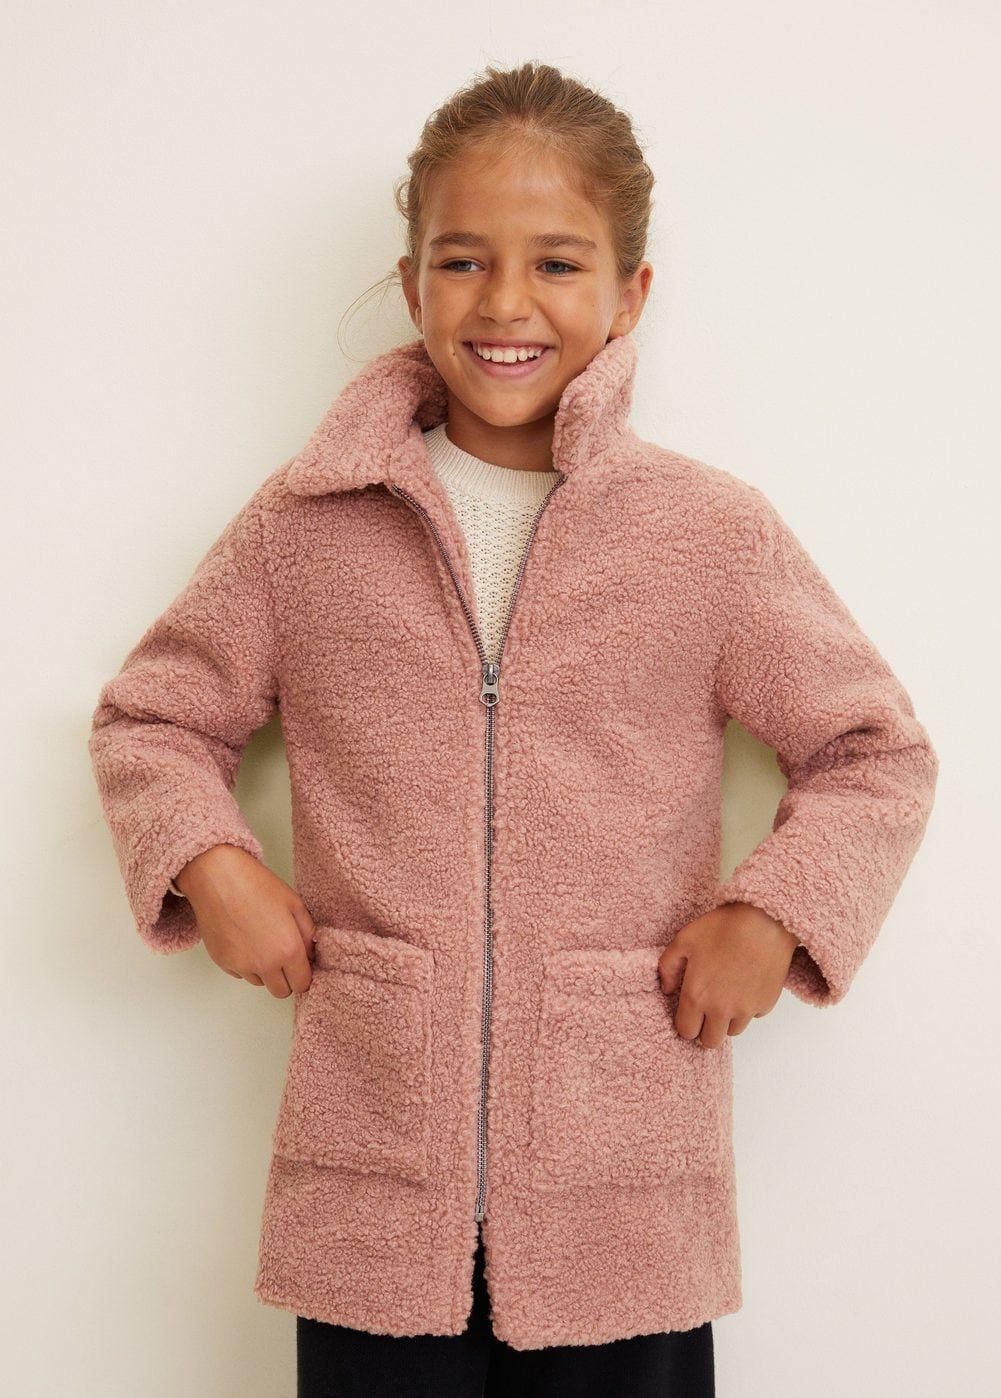 la meilleure attitude 20271 71a3c Manteau imitation mouton - Fille | Fille | Manteau, Robe et ...